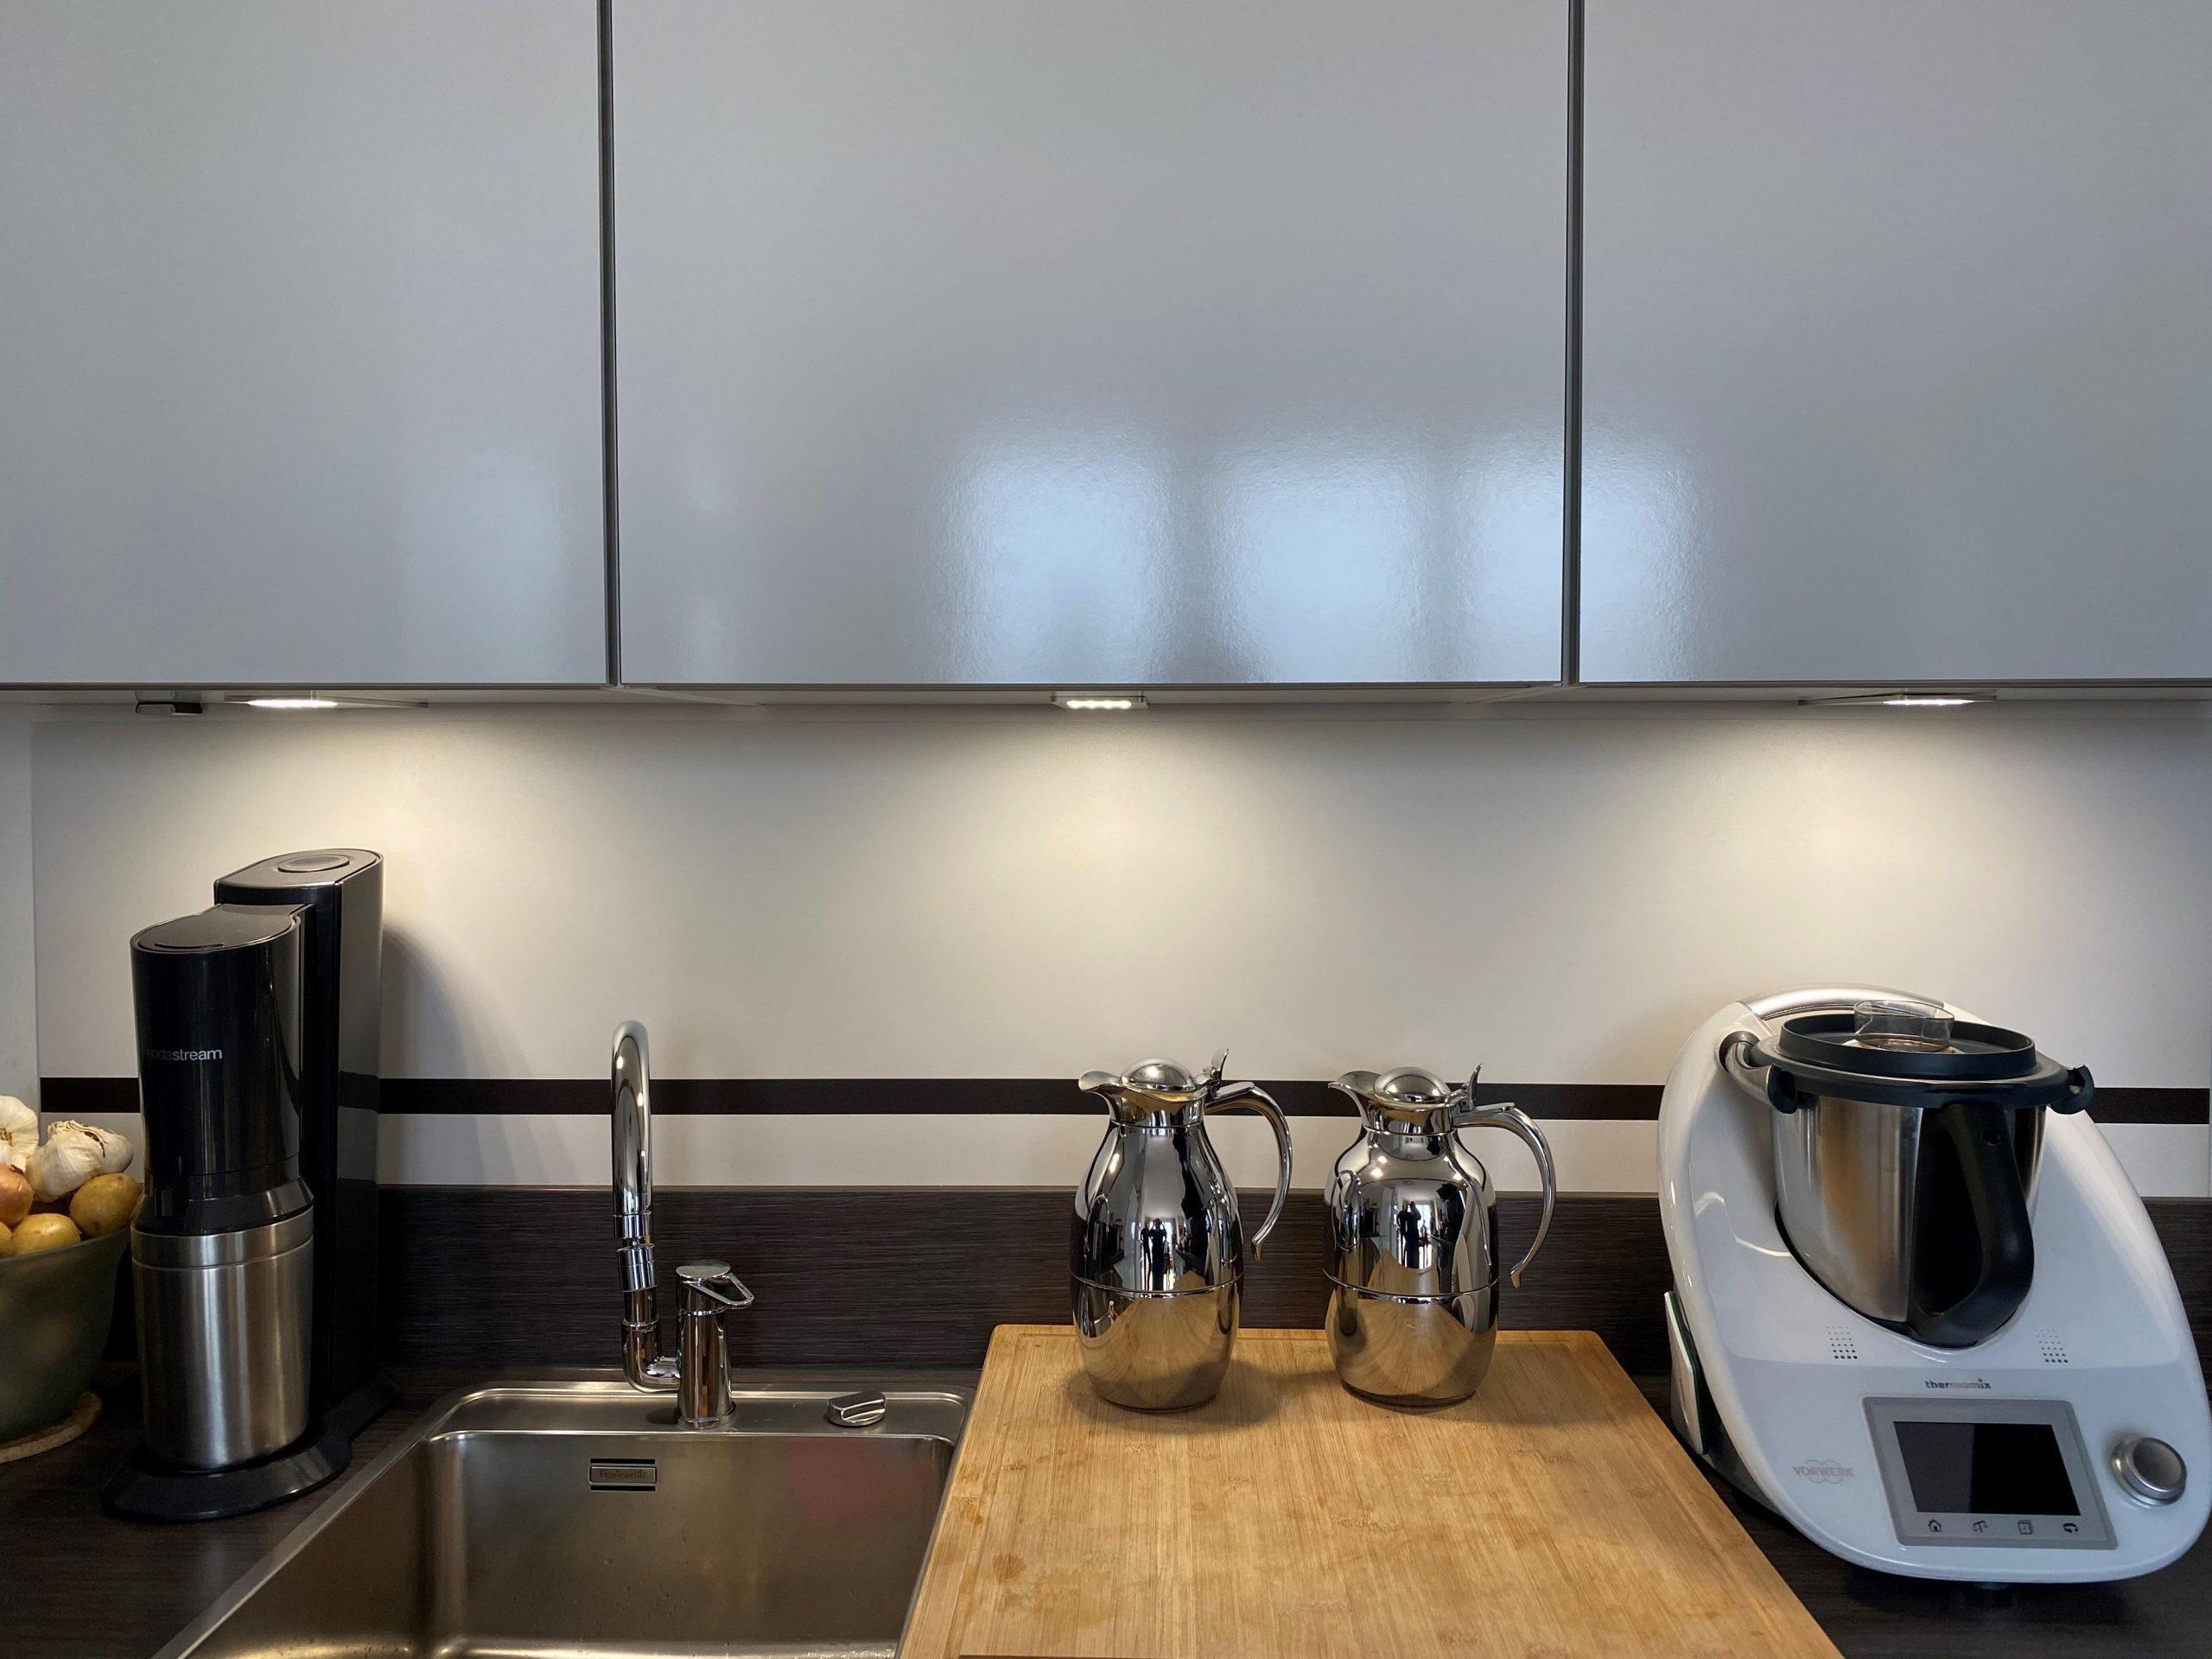 Full Size of Fototapete Küche Fliesenspiegel Küche Fliesenspiegel Neu Gestalten Ikea Küche Fliesenspiegel Küche Fliesenspiegel Alternative Küche Küche Fliesenspiegel